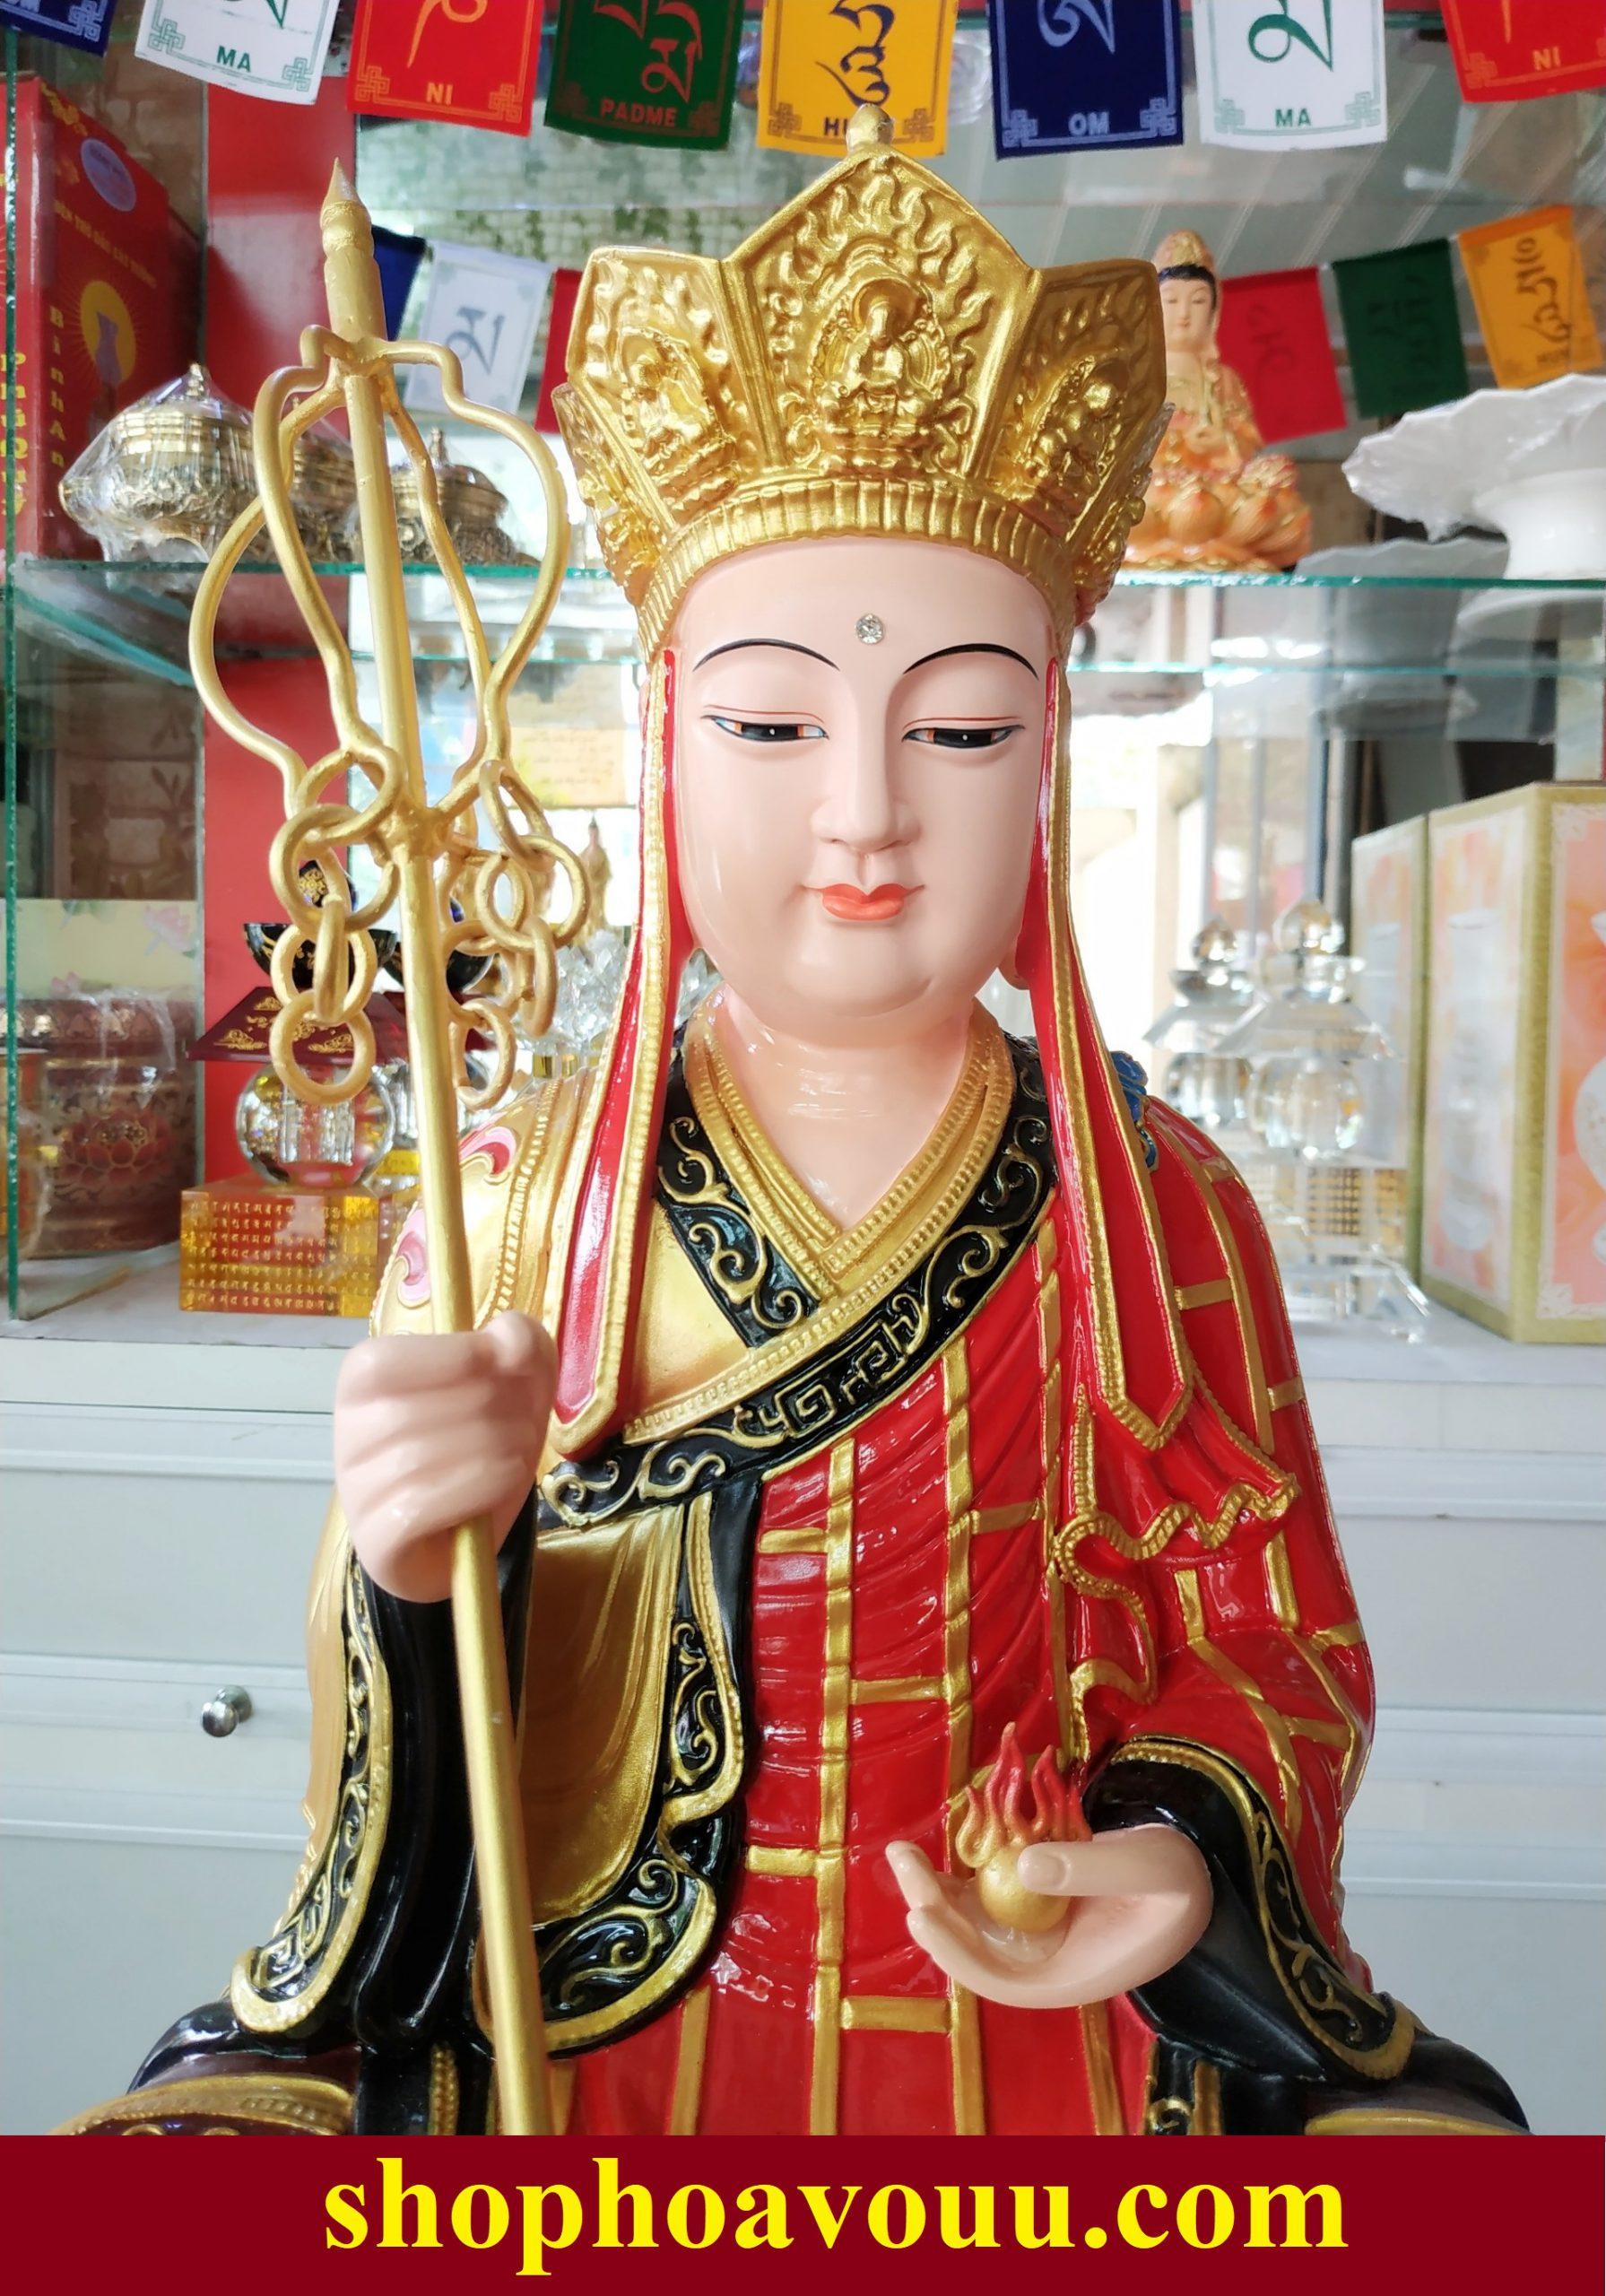 Tượng Địa Tạng Vương Bồ Tát Sắc Tướng Trang Nghiêm Ngồi 50cm